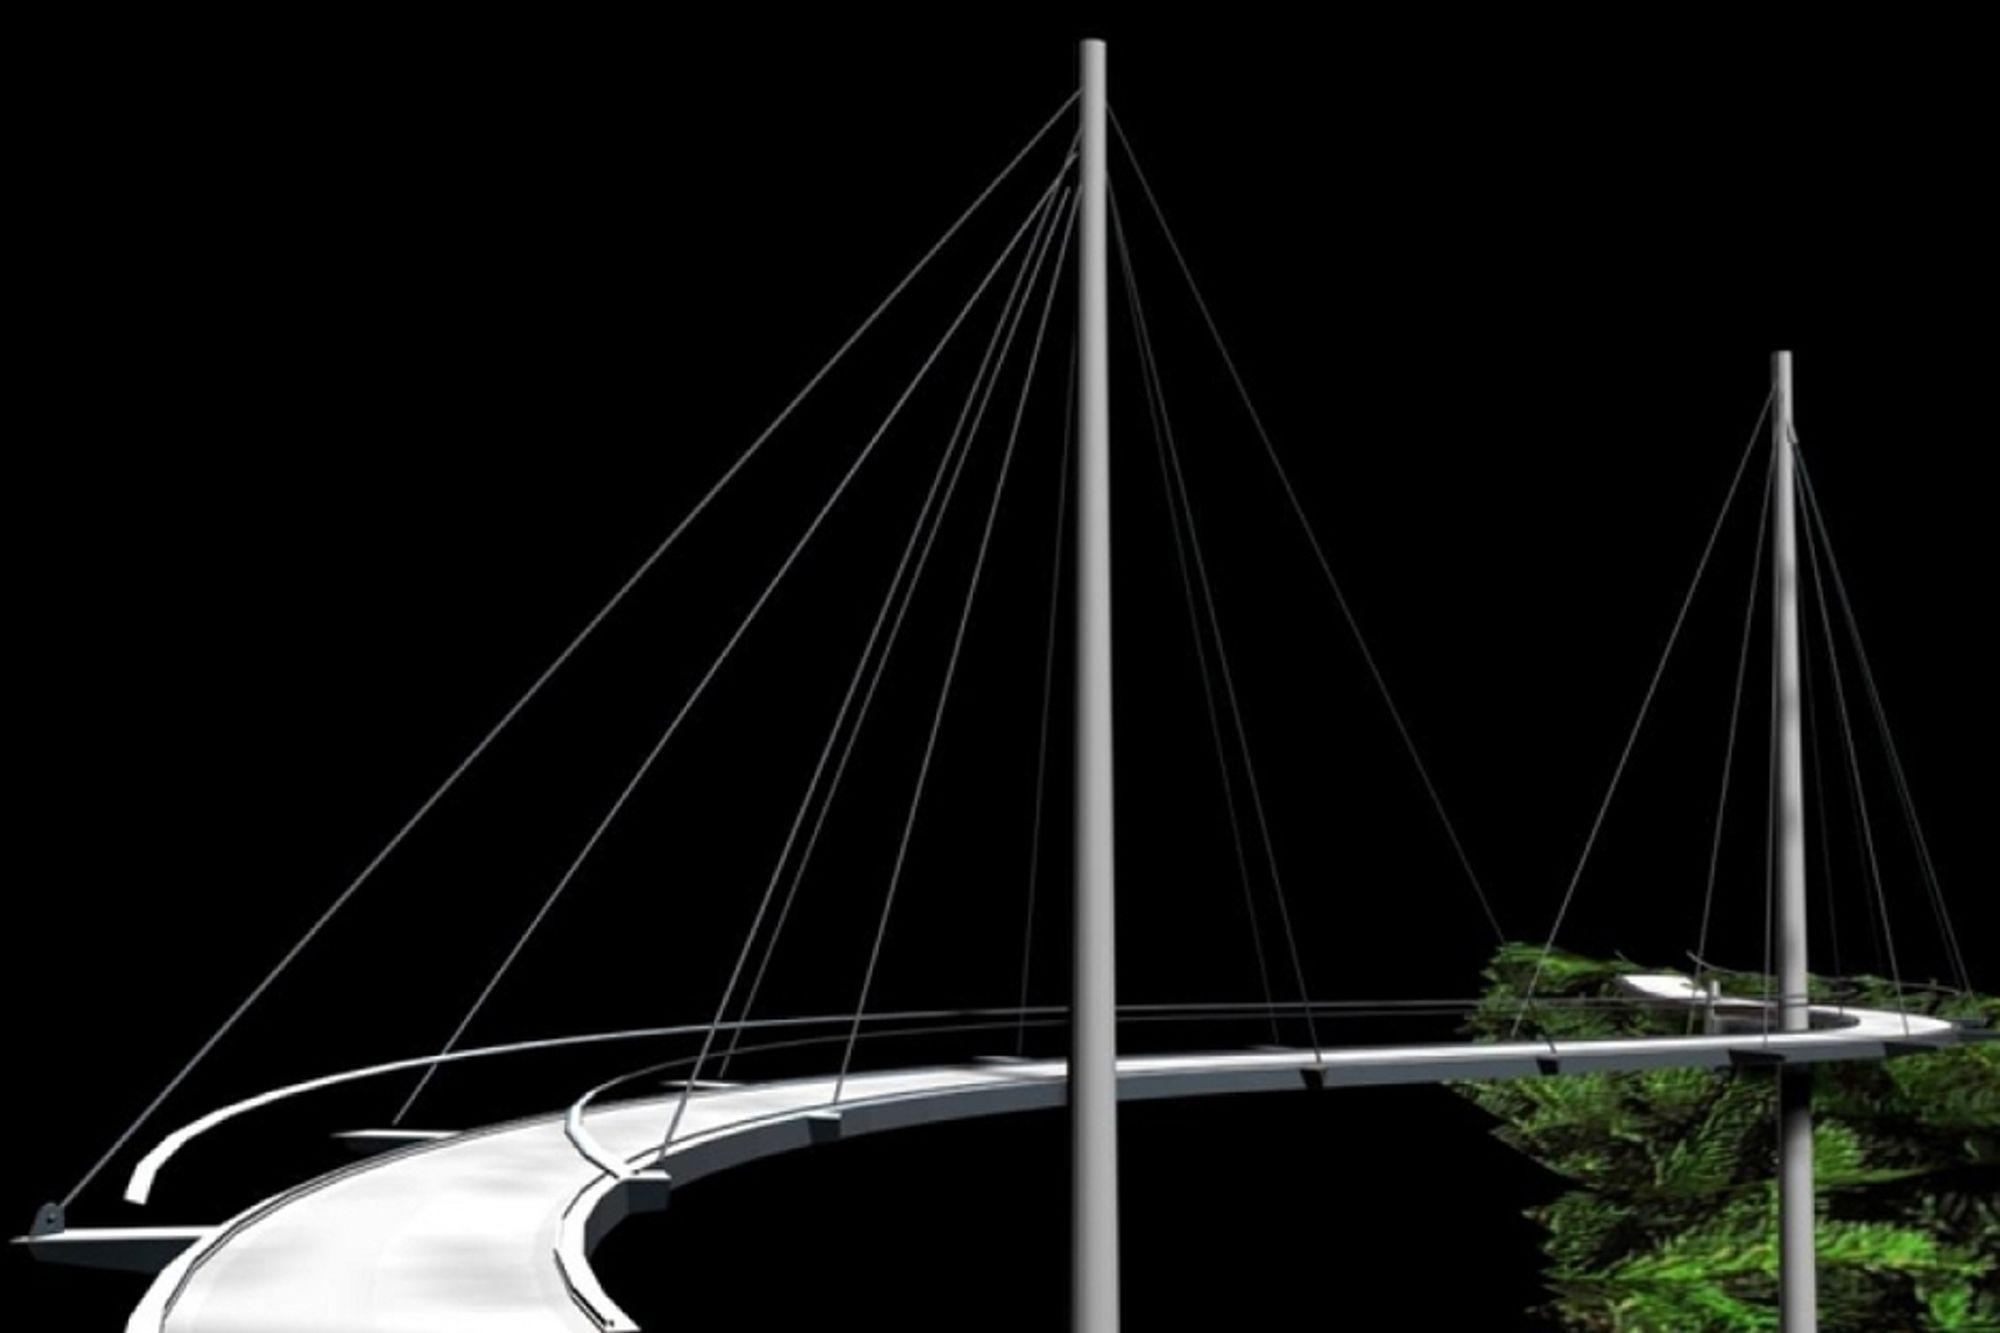 Hvis ingen klager innen 1. september, skal Skanska bygge denne skråstagbrua over Akerselva i Oslo.